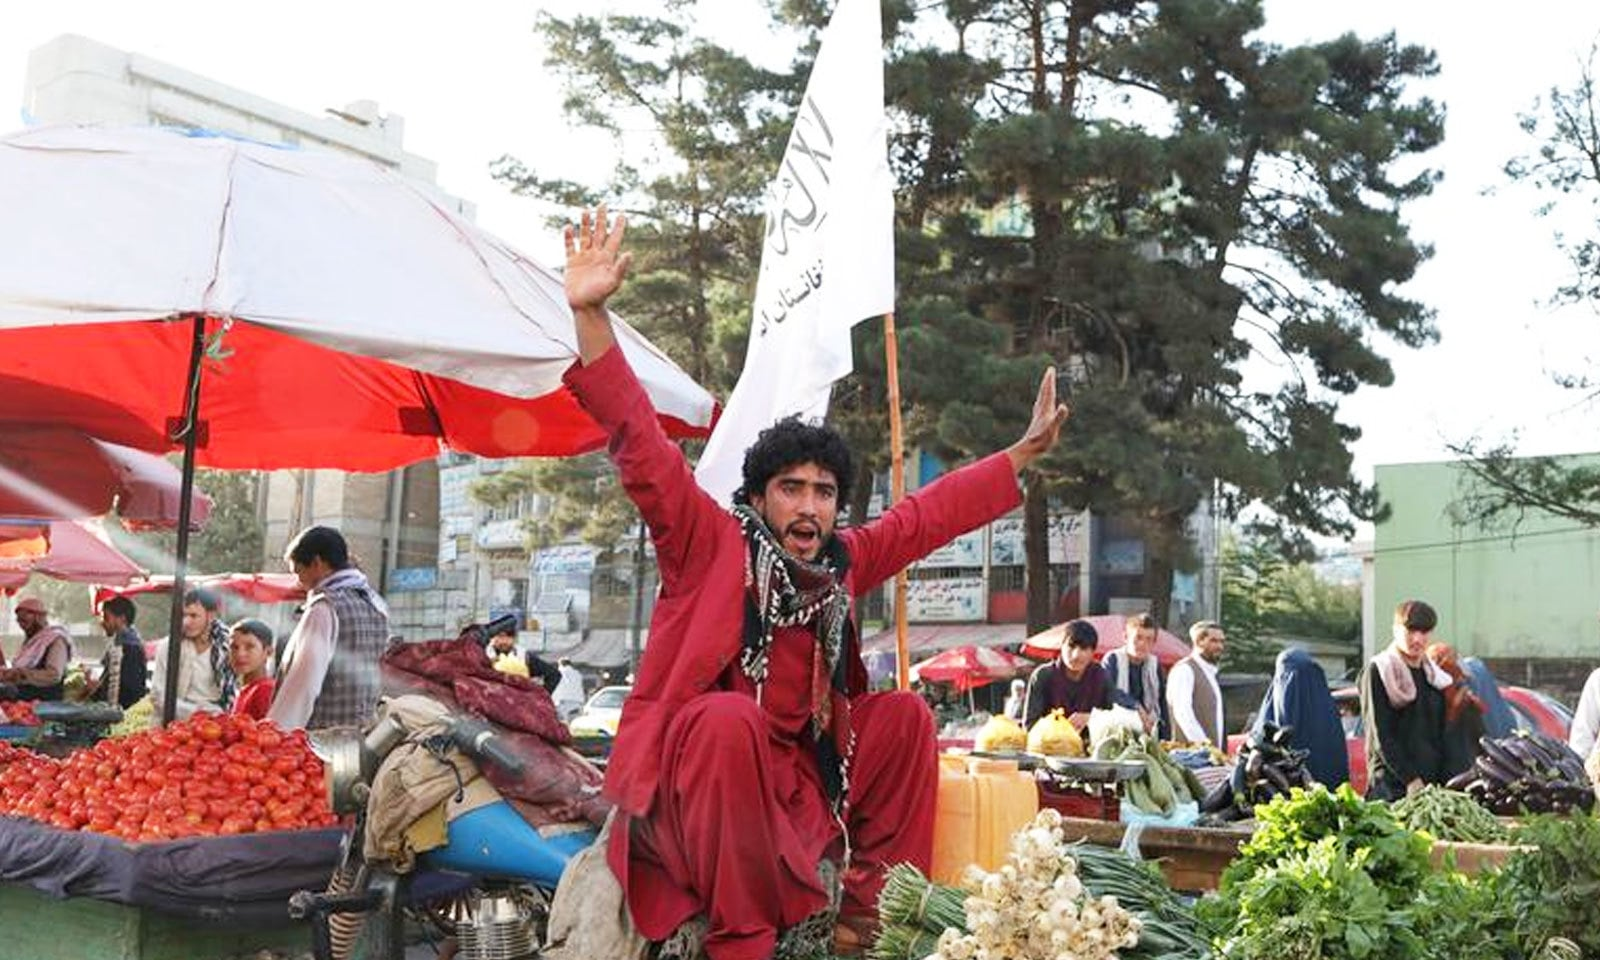 کابل کا سبزی فروش طالبان کے نعرے لگاتے ہوئے — فوٹو: رائٹرز